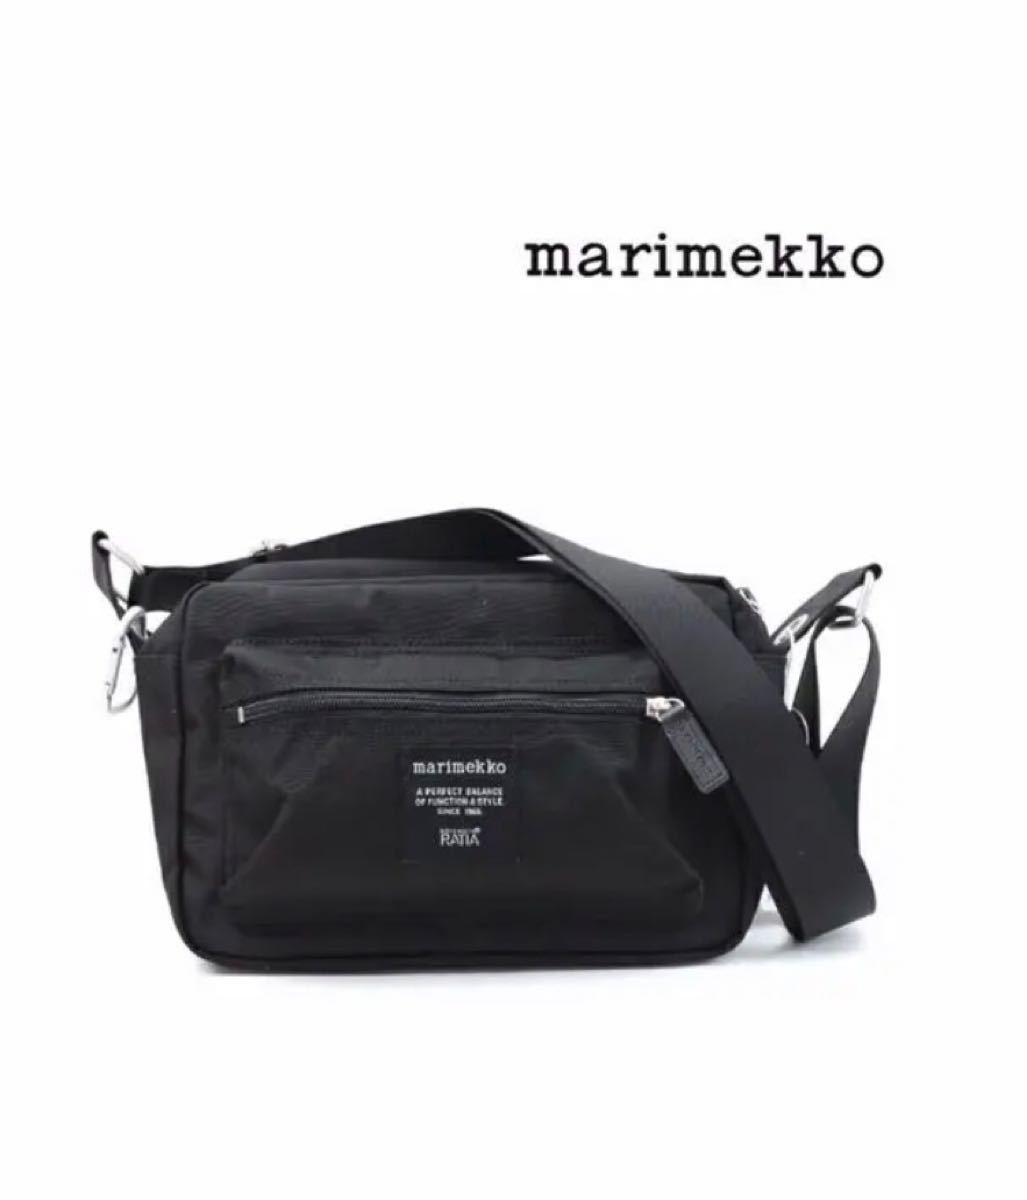 マリメッコ ショルダーバッグ